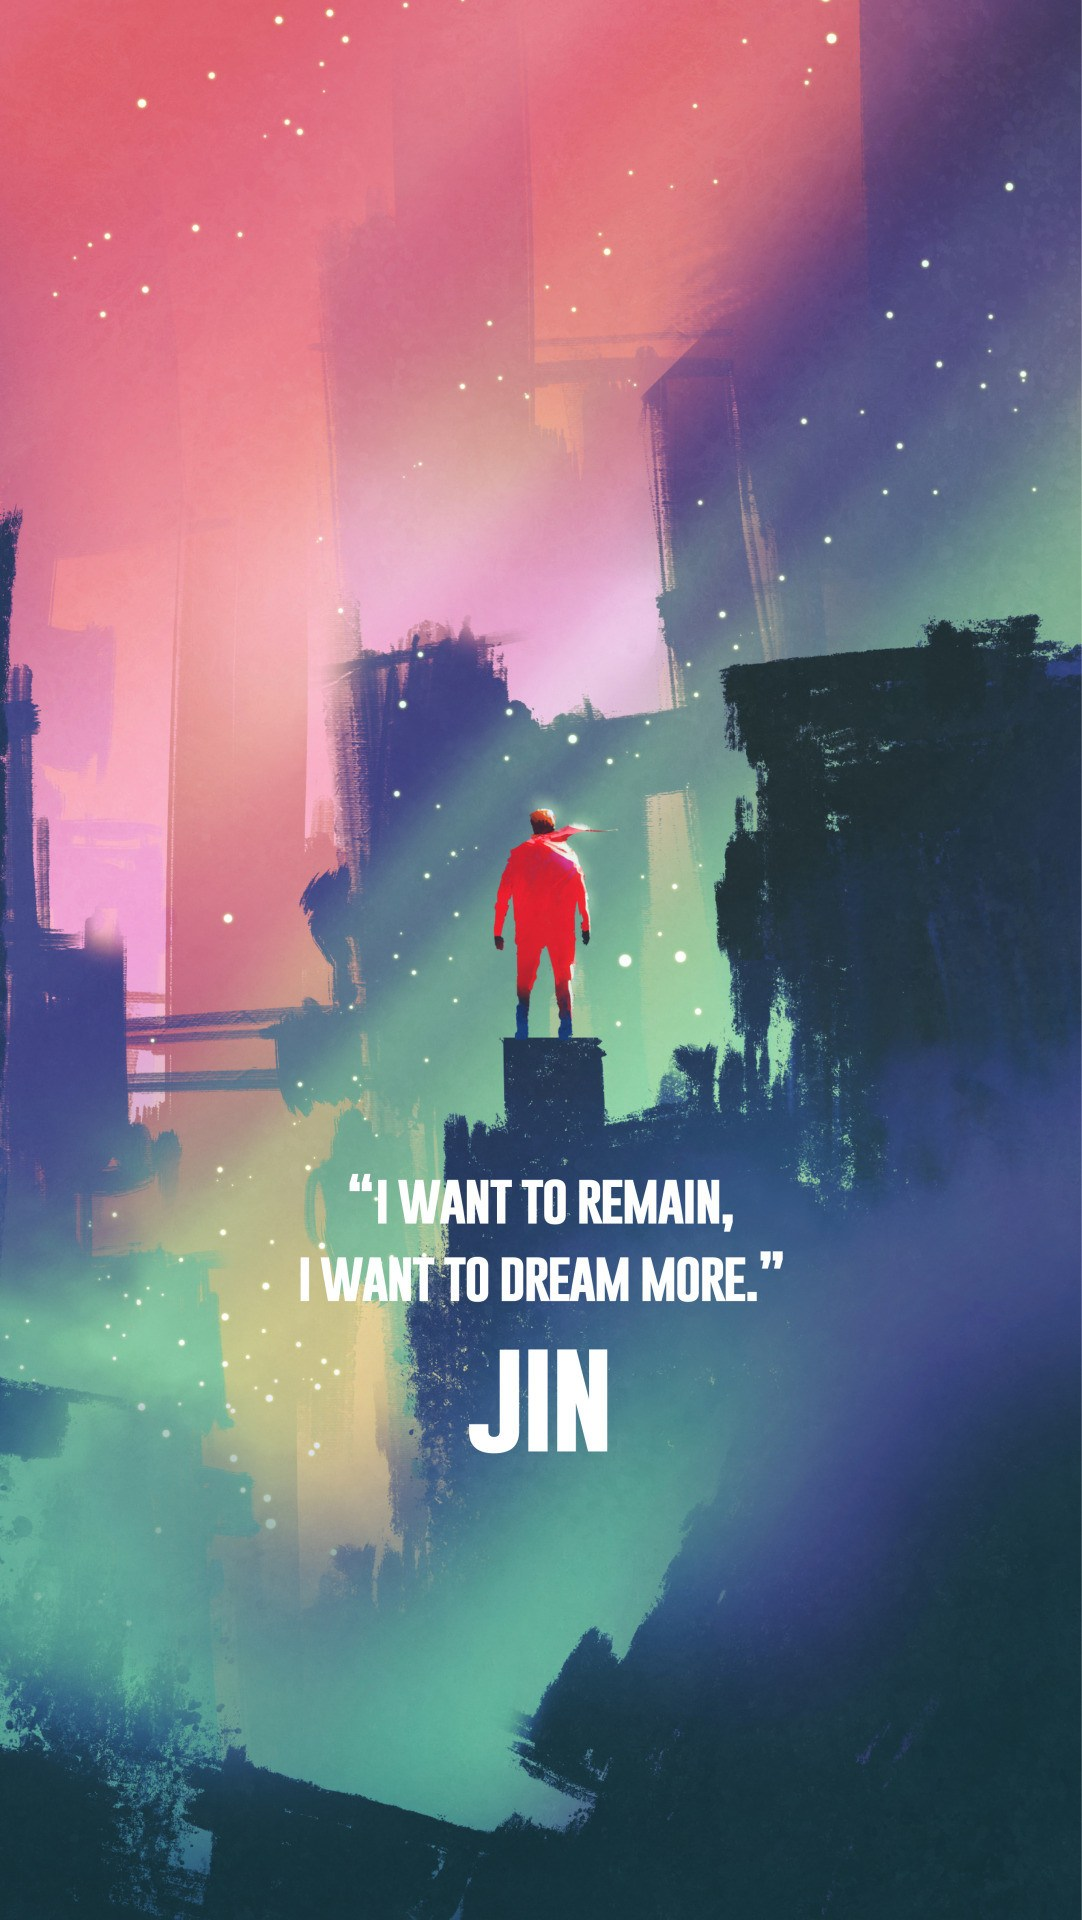 Bts Lyric Quotes Desktop Wallpaper Bts Quotes Jin, Hd